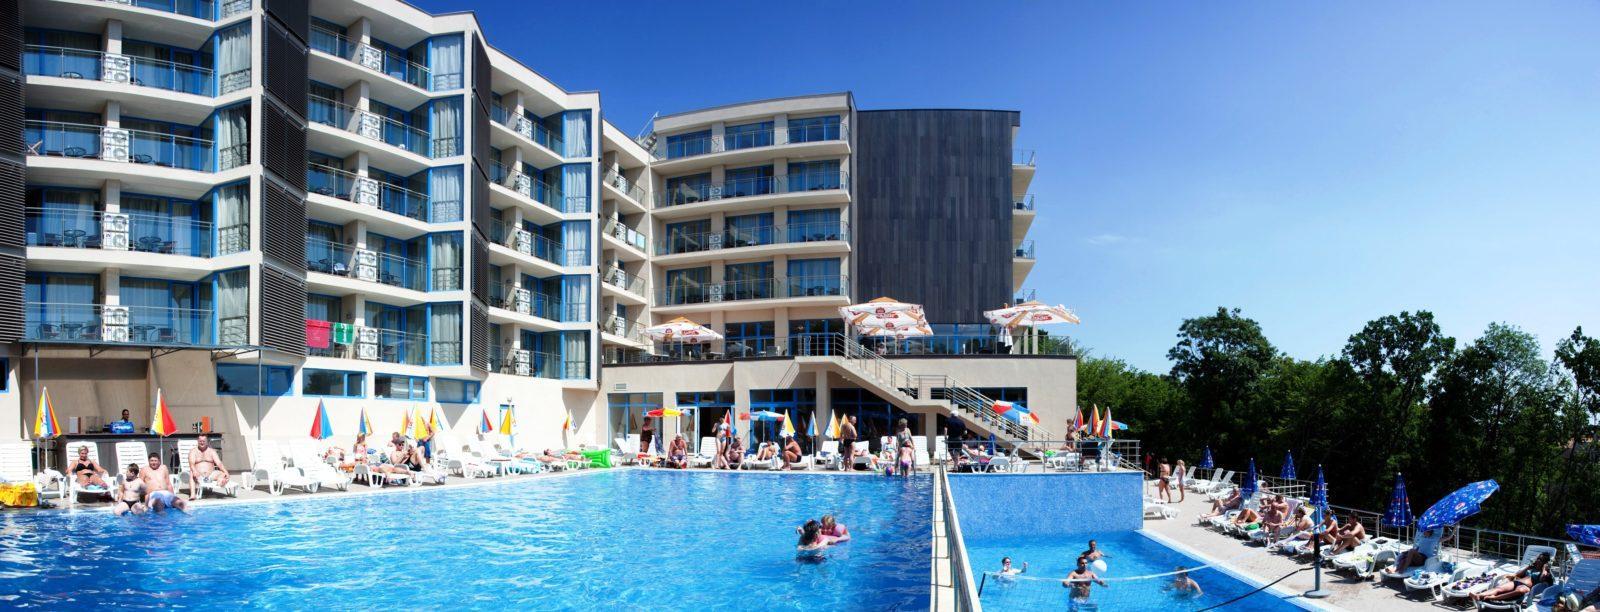 slavey hotel 4